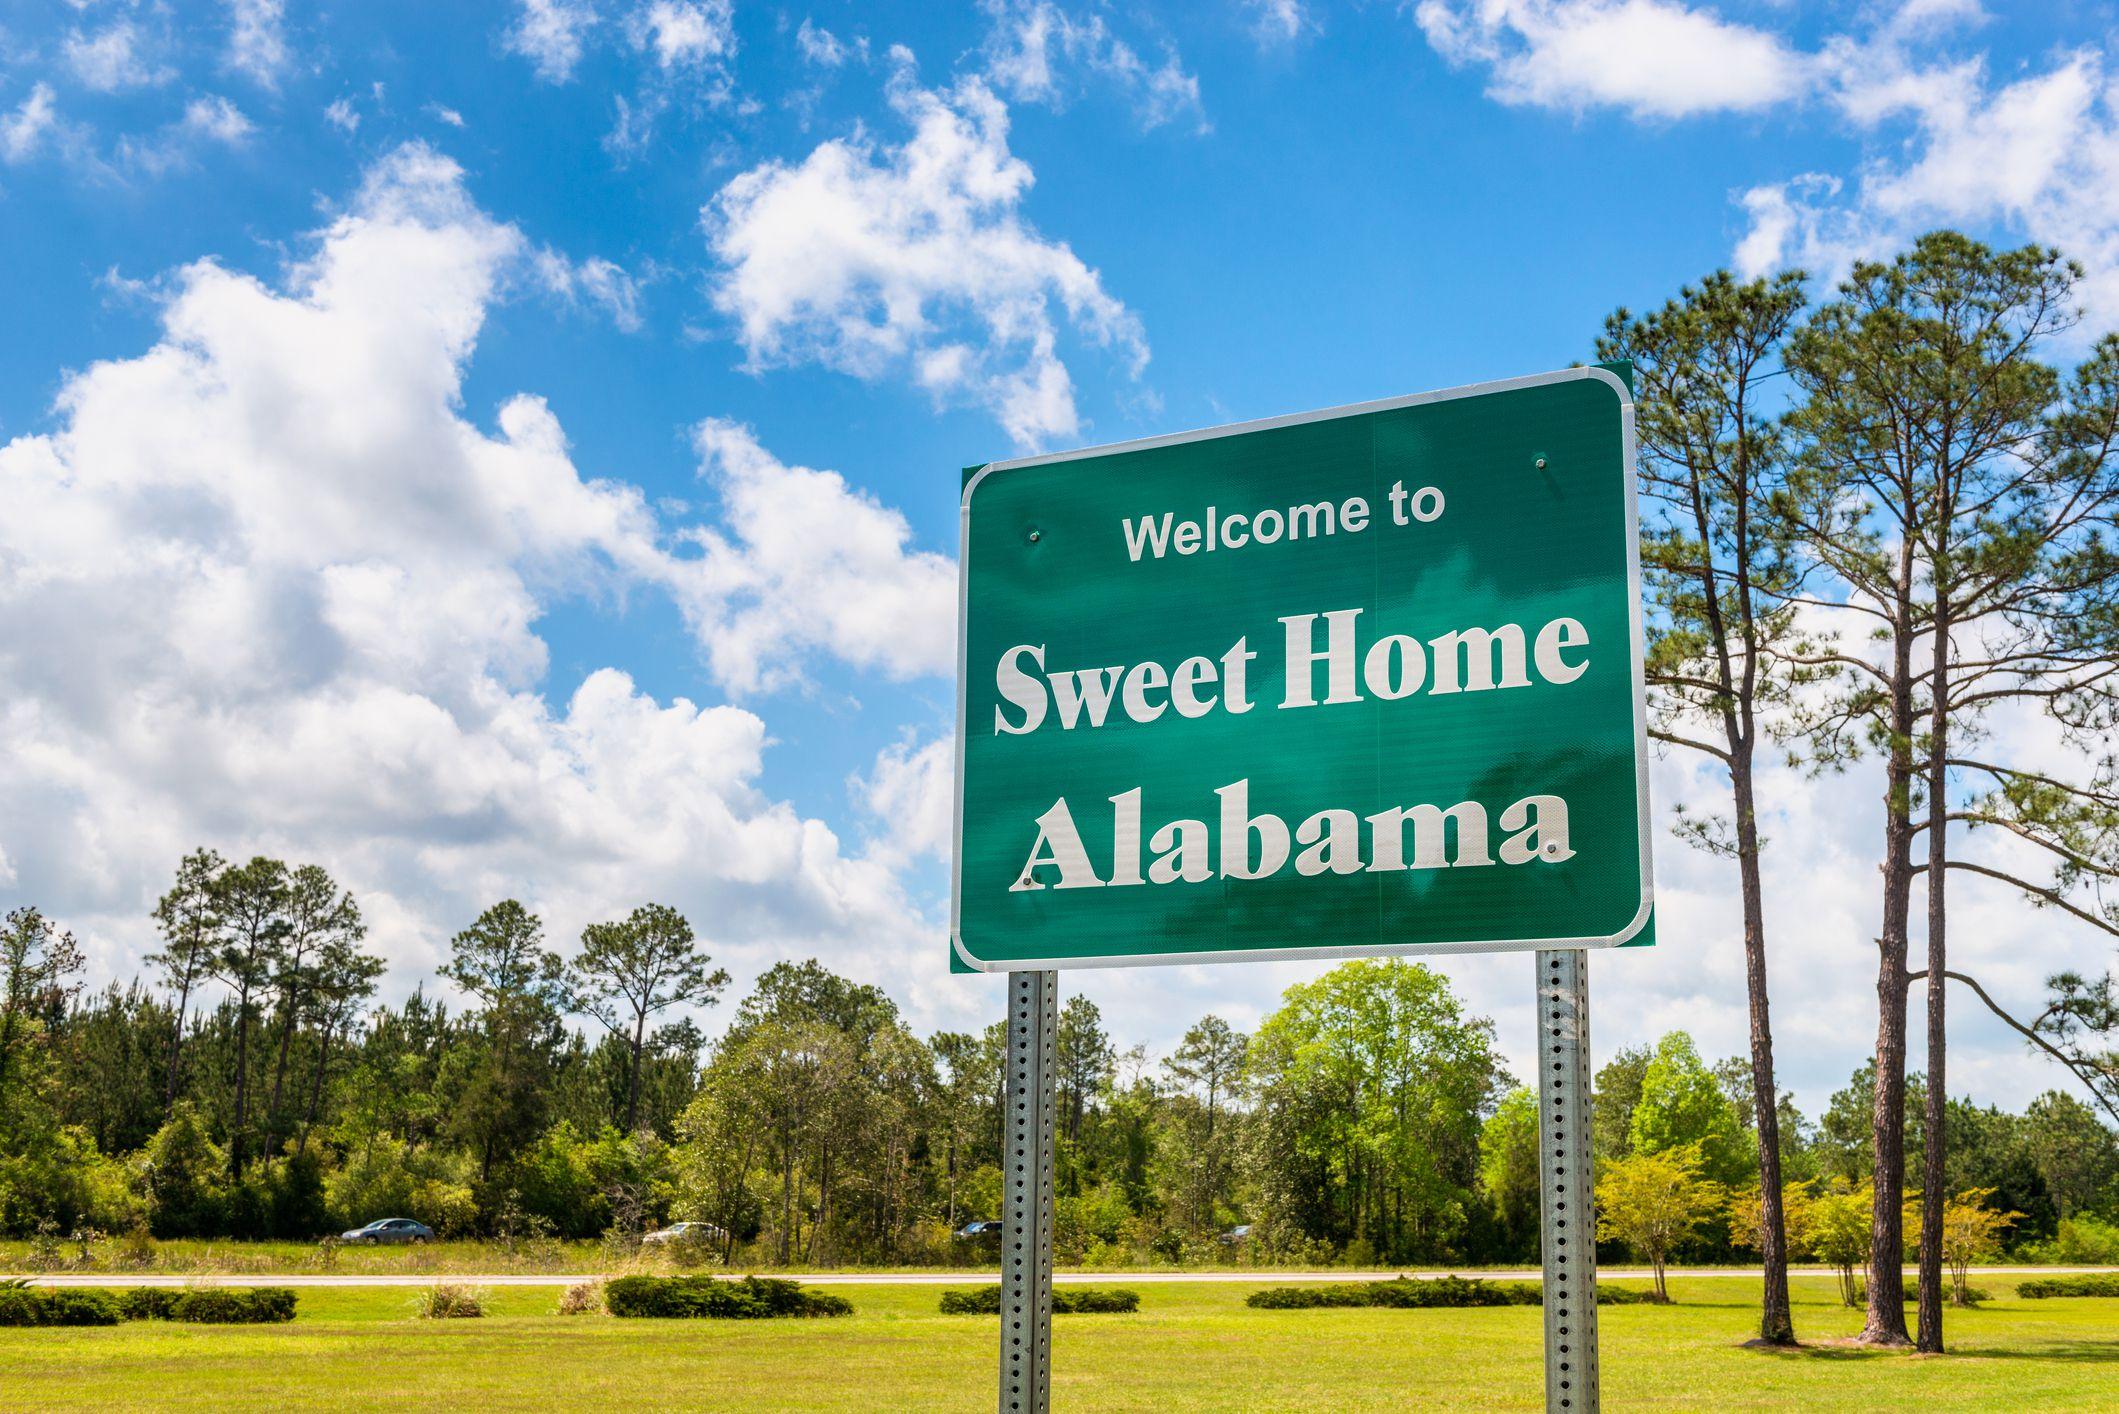 Sekolah Umum Gratis Online Untuk Alabama Mahasiswa K 12